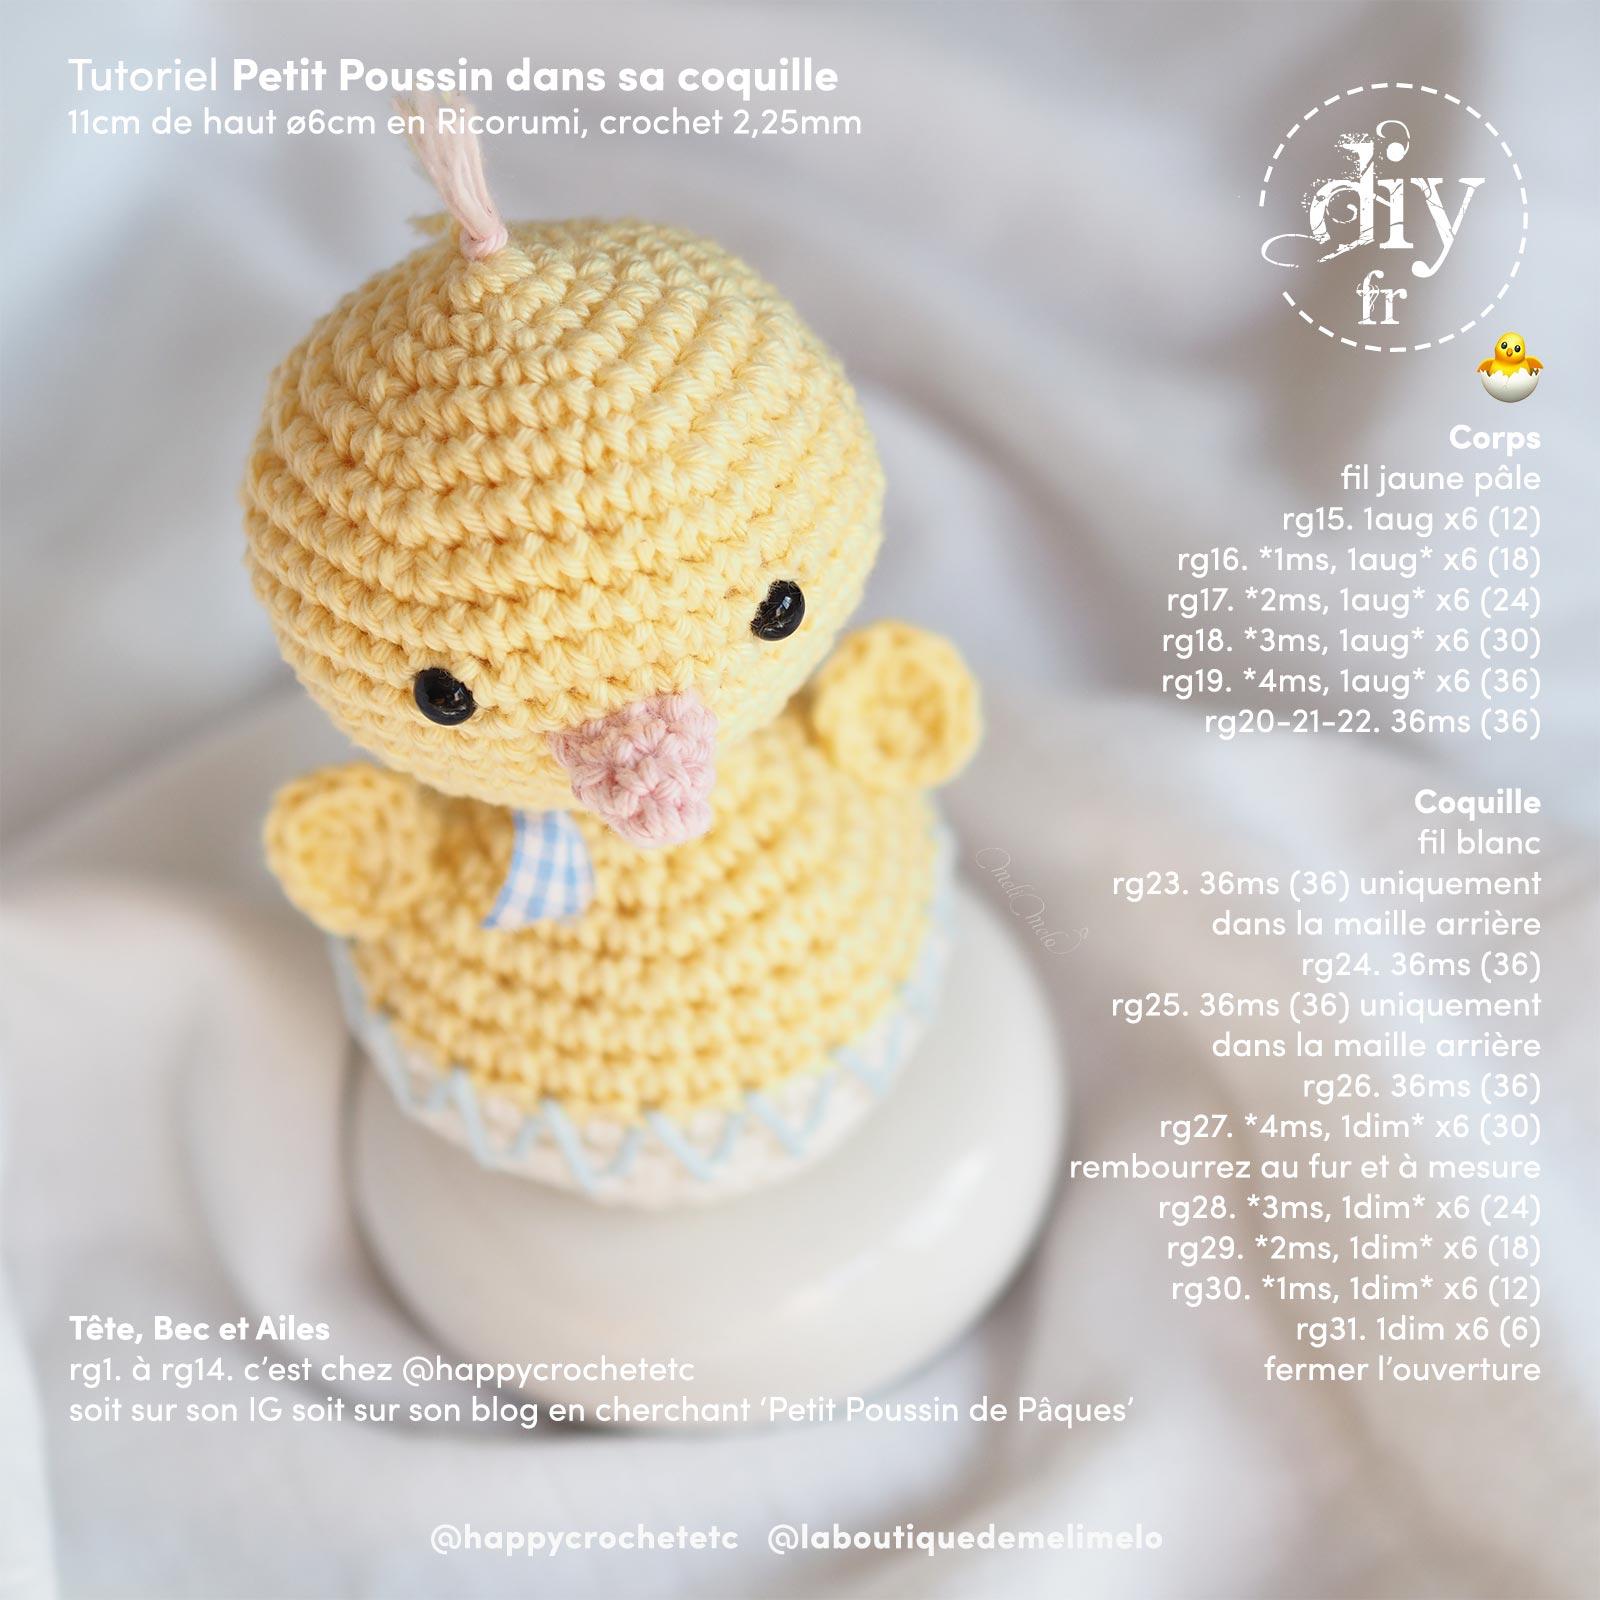 DIY-crochet-poussin-coquille-paques-tuto-gratuit-laboutiquedemelimelo-happycrochetetc